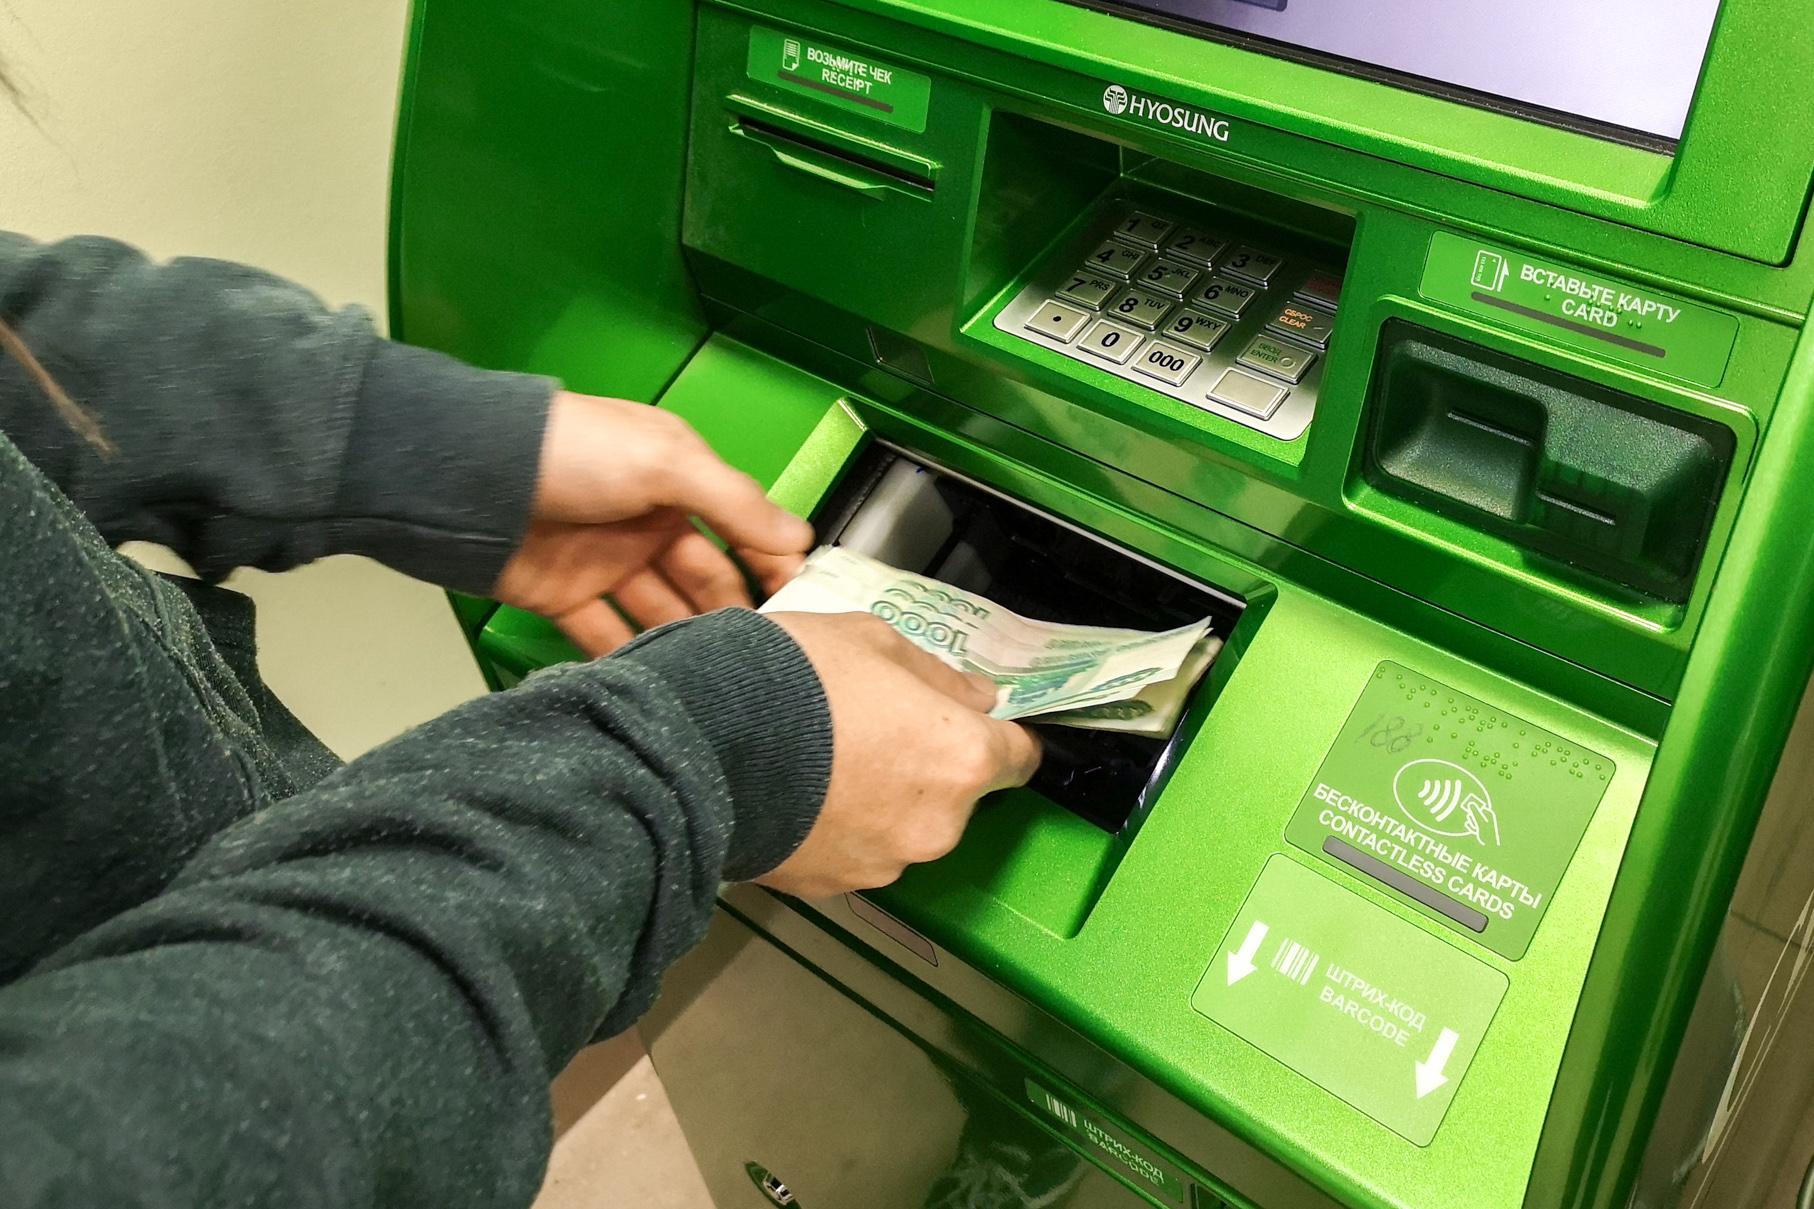 Доверчивый житель Твери перевел мошенникам 189 тысяч рублей